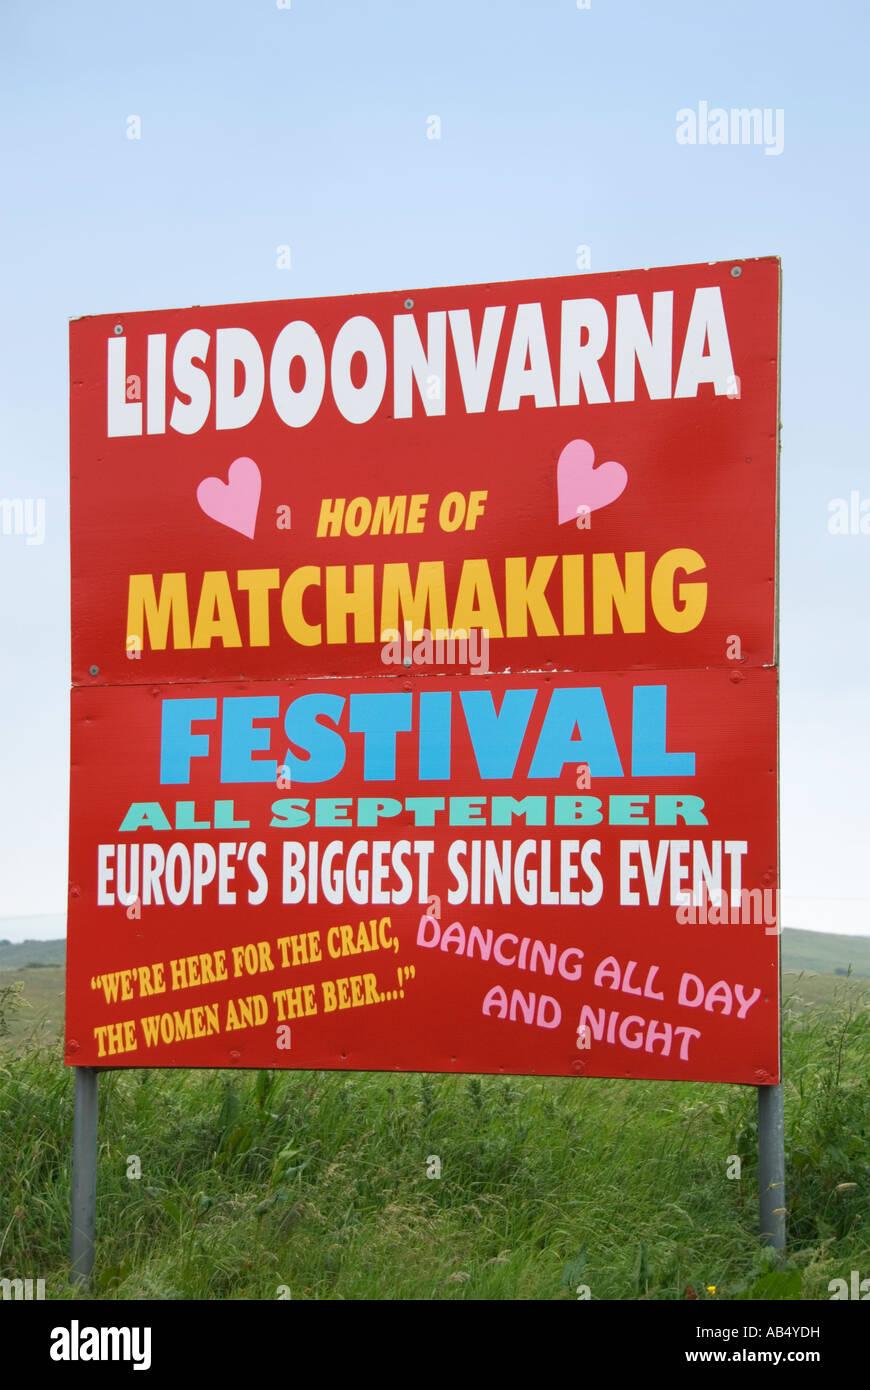 Matchmaking Festival Lisdoonvarna Irlanda datando un ragazzo molto più giovane di te